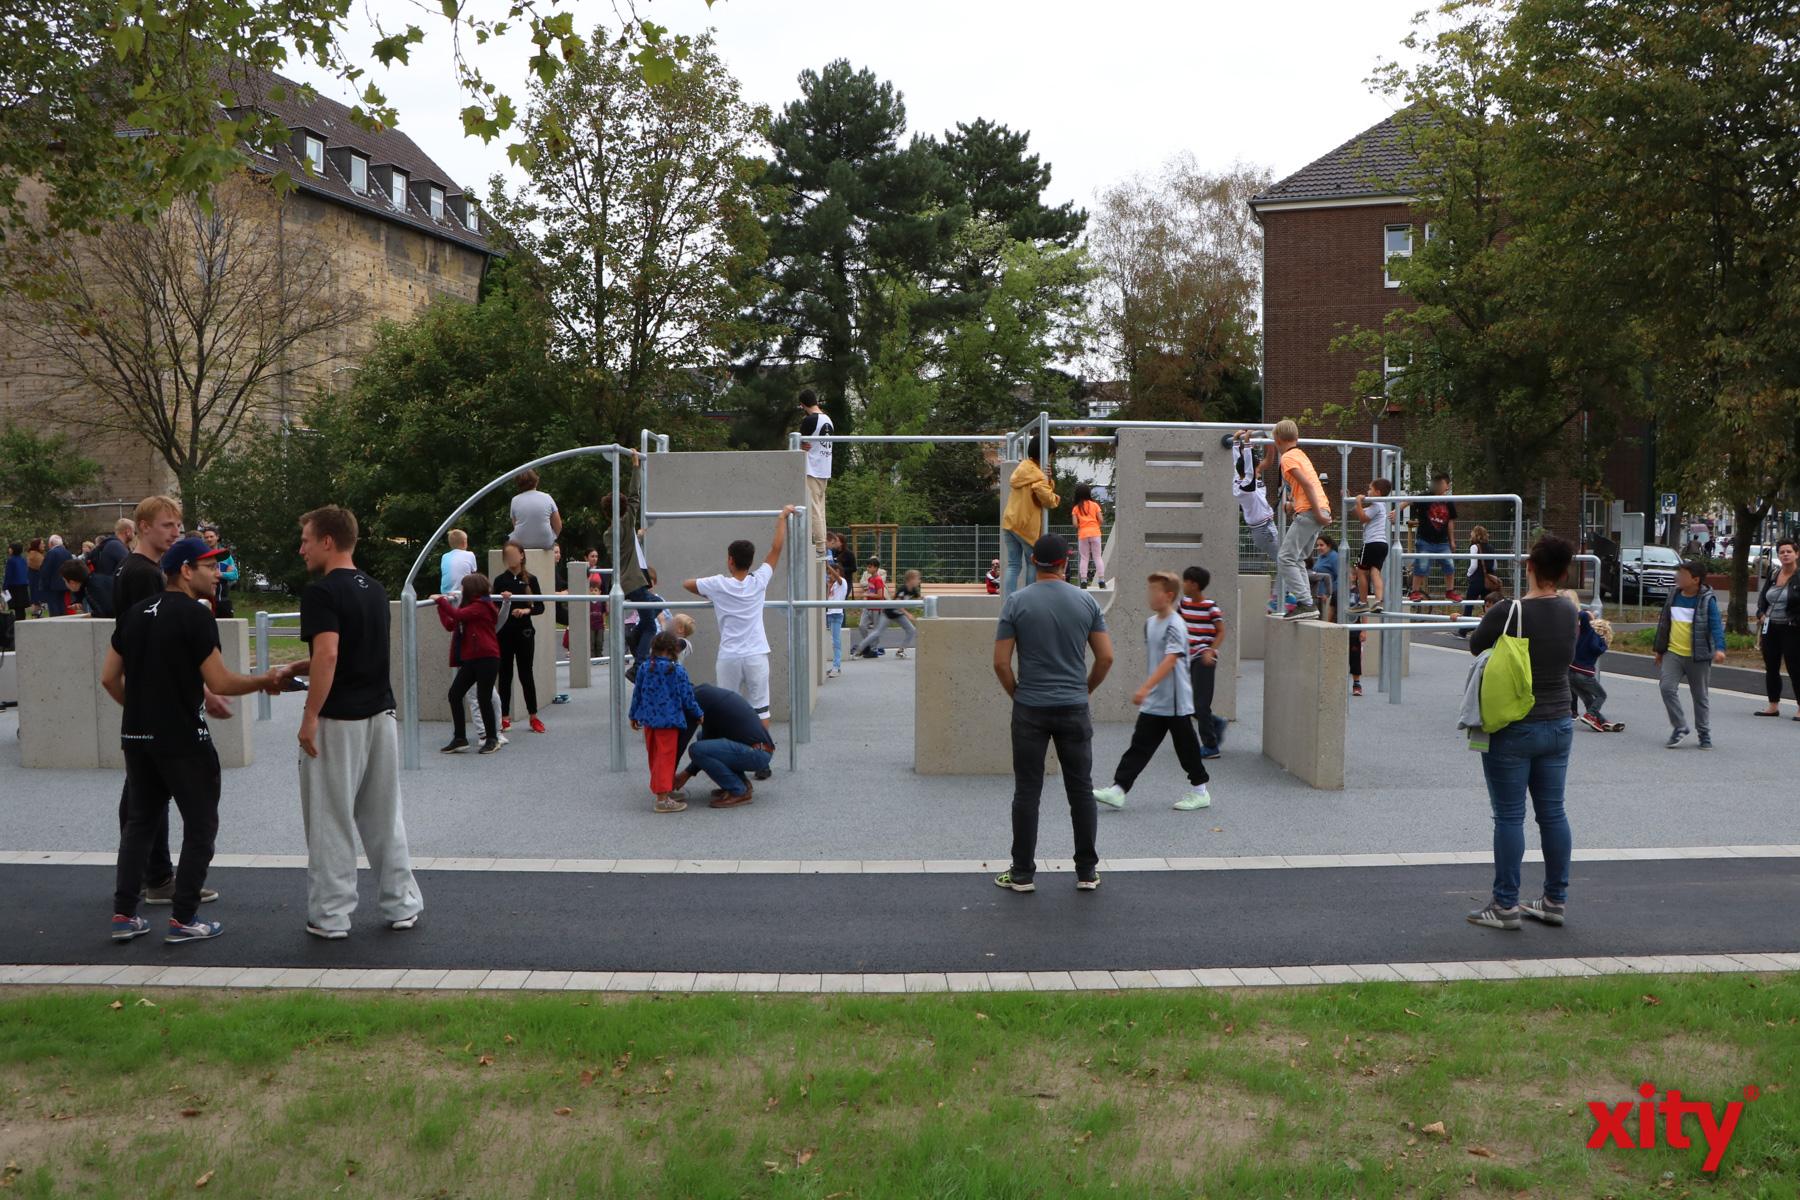 Der Sportpark bietet den Besuchern neben einem Parkourkurs auch eine Fläche für Boule und einen Panna-KO-Käfig (Foto: xity)